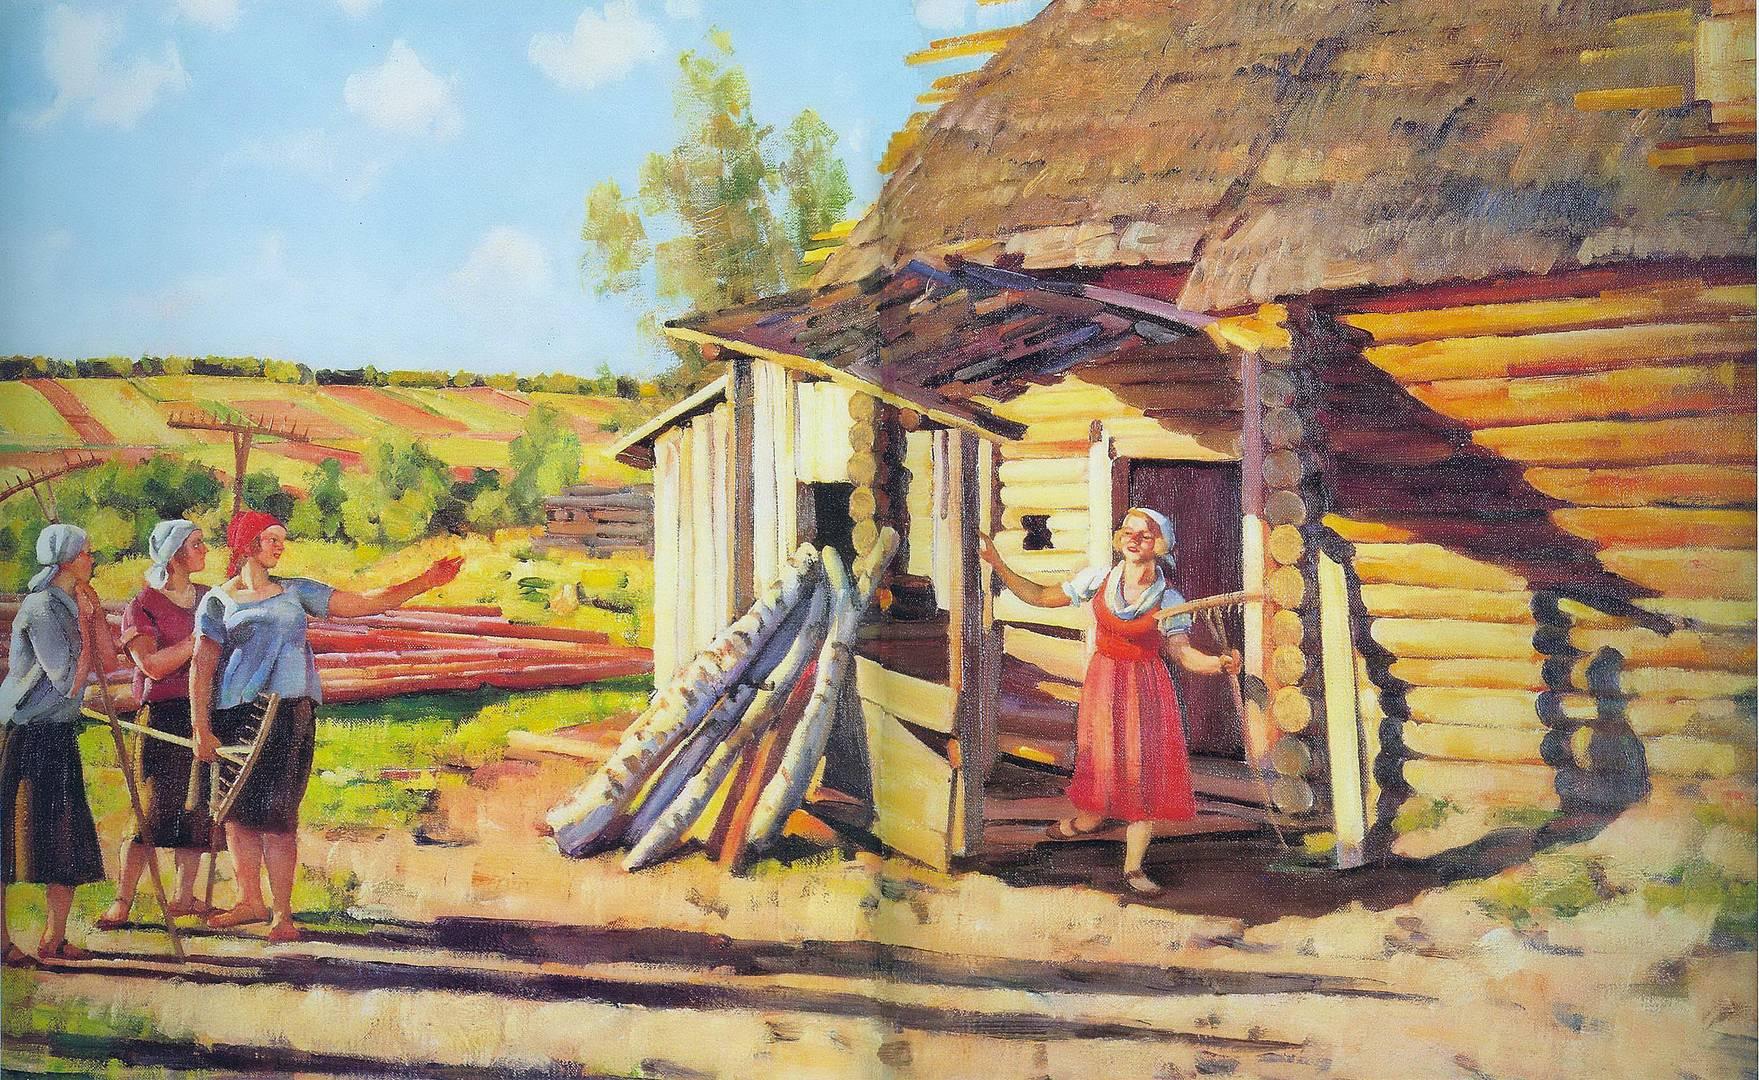 Константин Юон. Первые колхозницы. В лучах солнца. Подолино. 1928